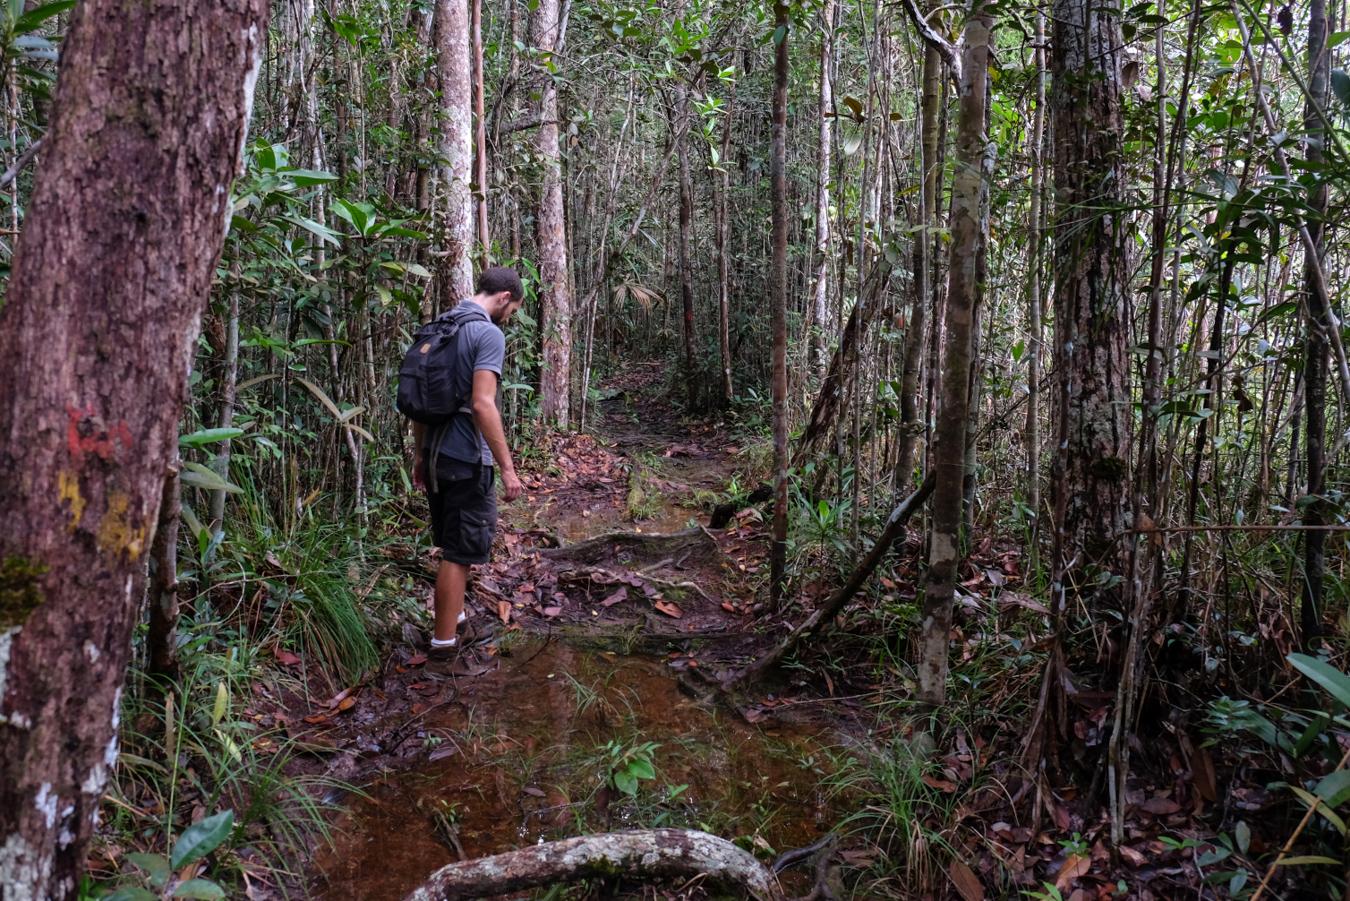 Auf einigen Wegen konnten wir die Wasserfestigkeit unserer geliebten Meindl Wanderschuhe testen